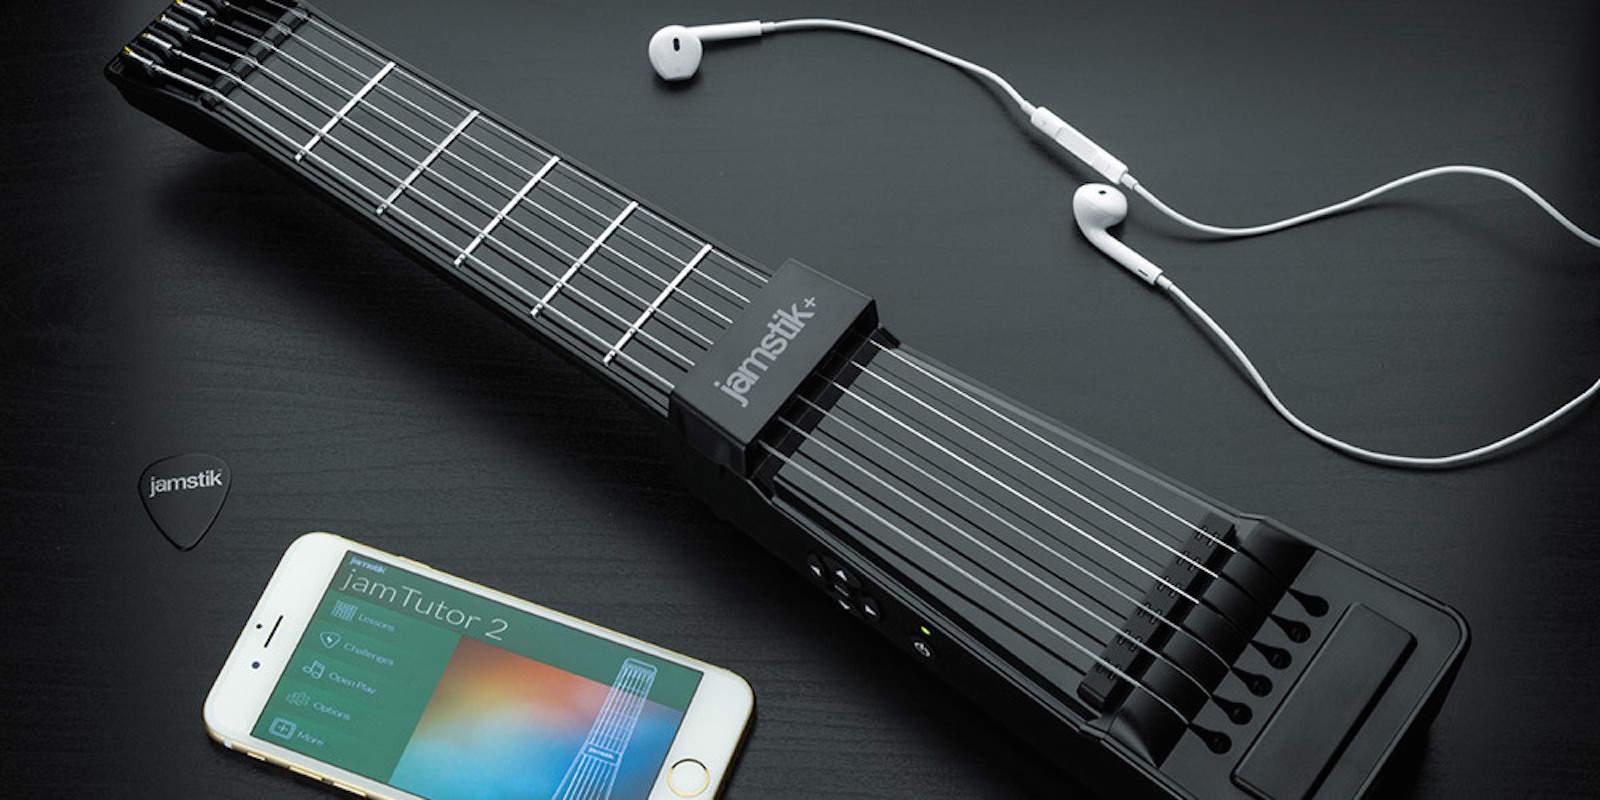 CoM - Jamstik+ Smart Guitar